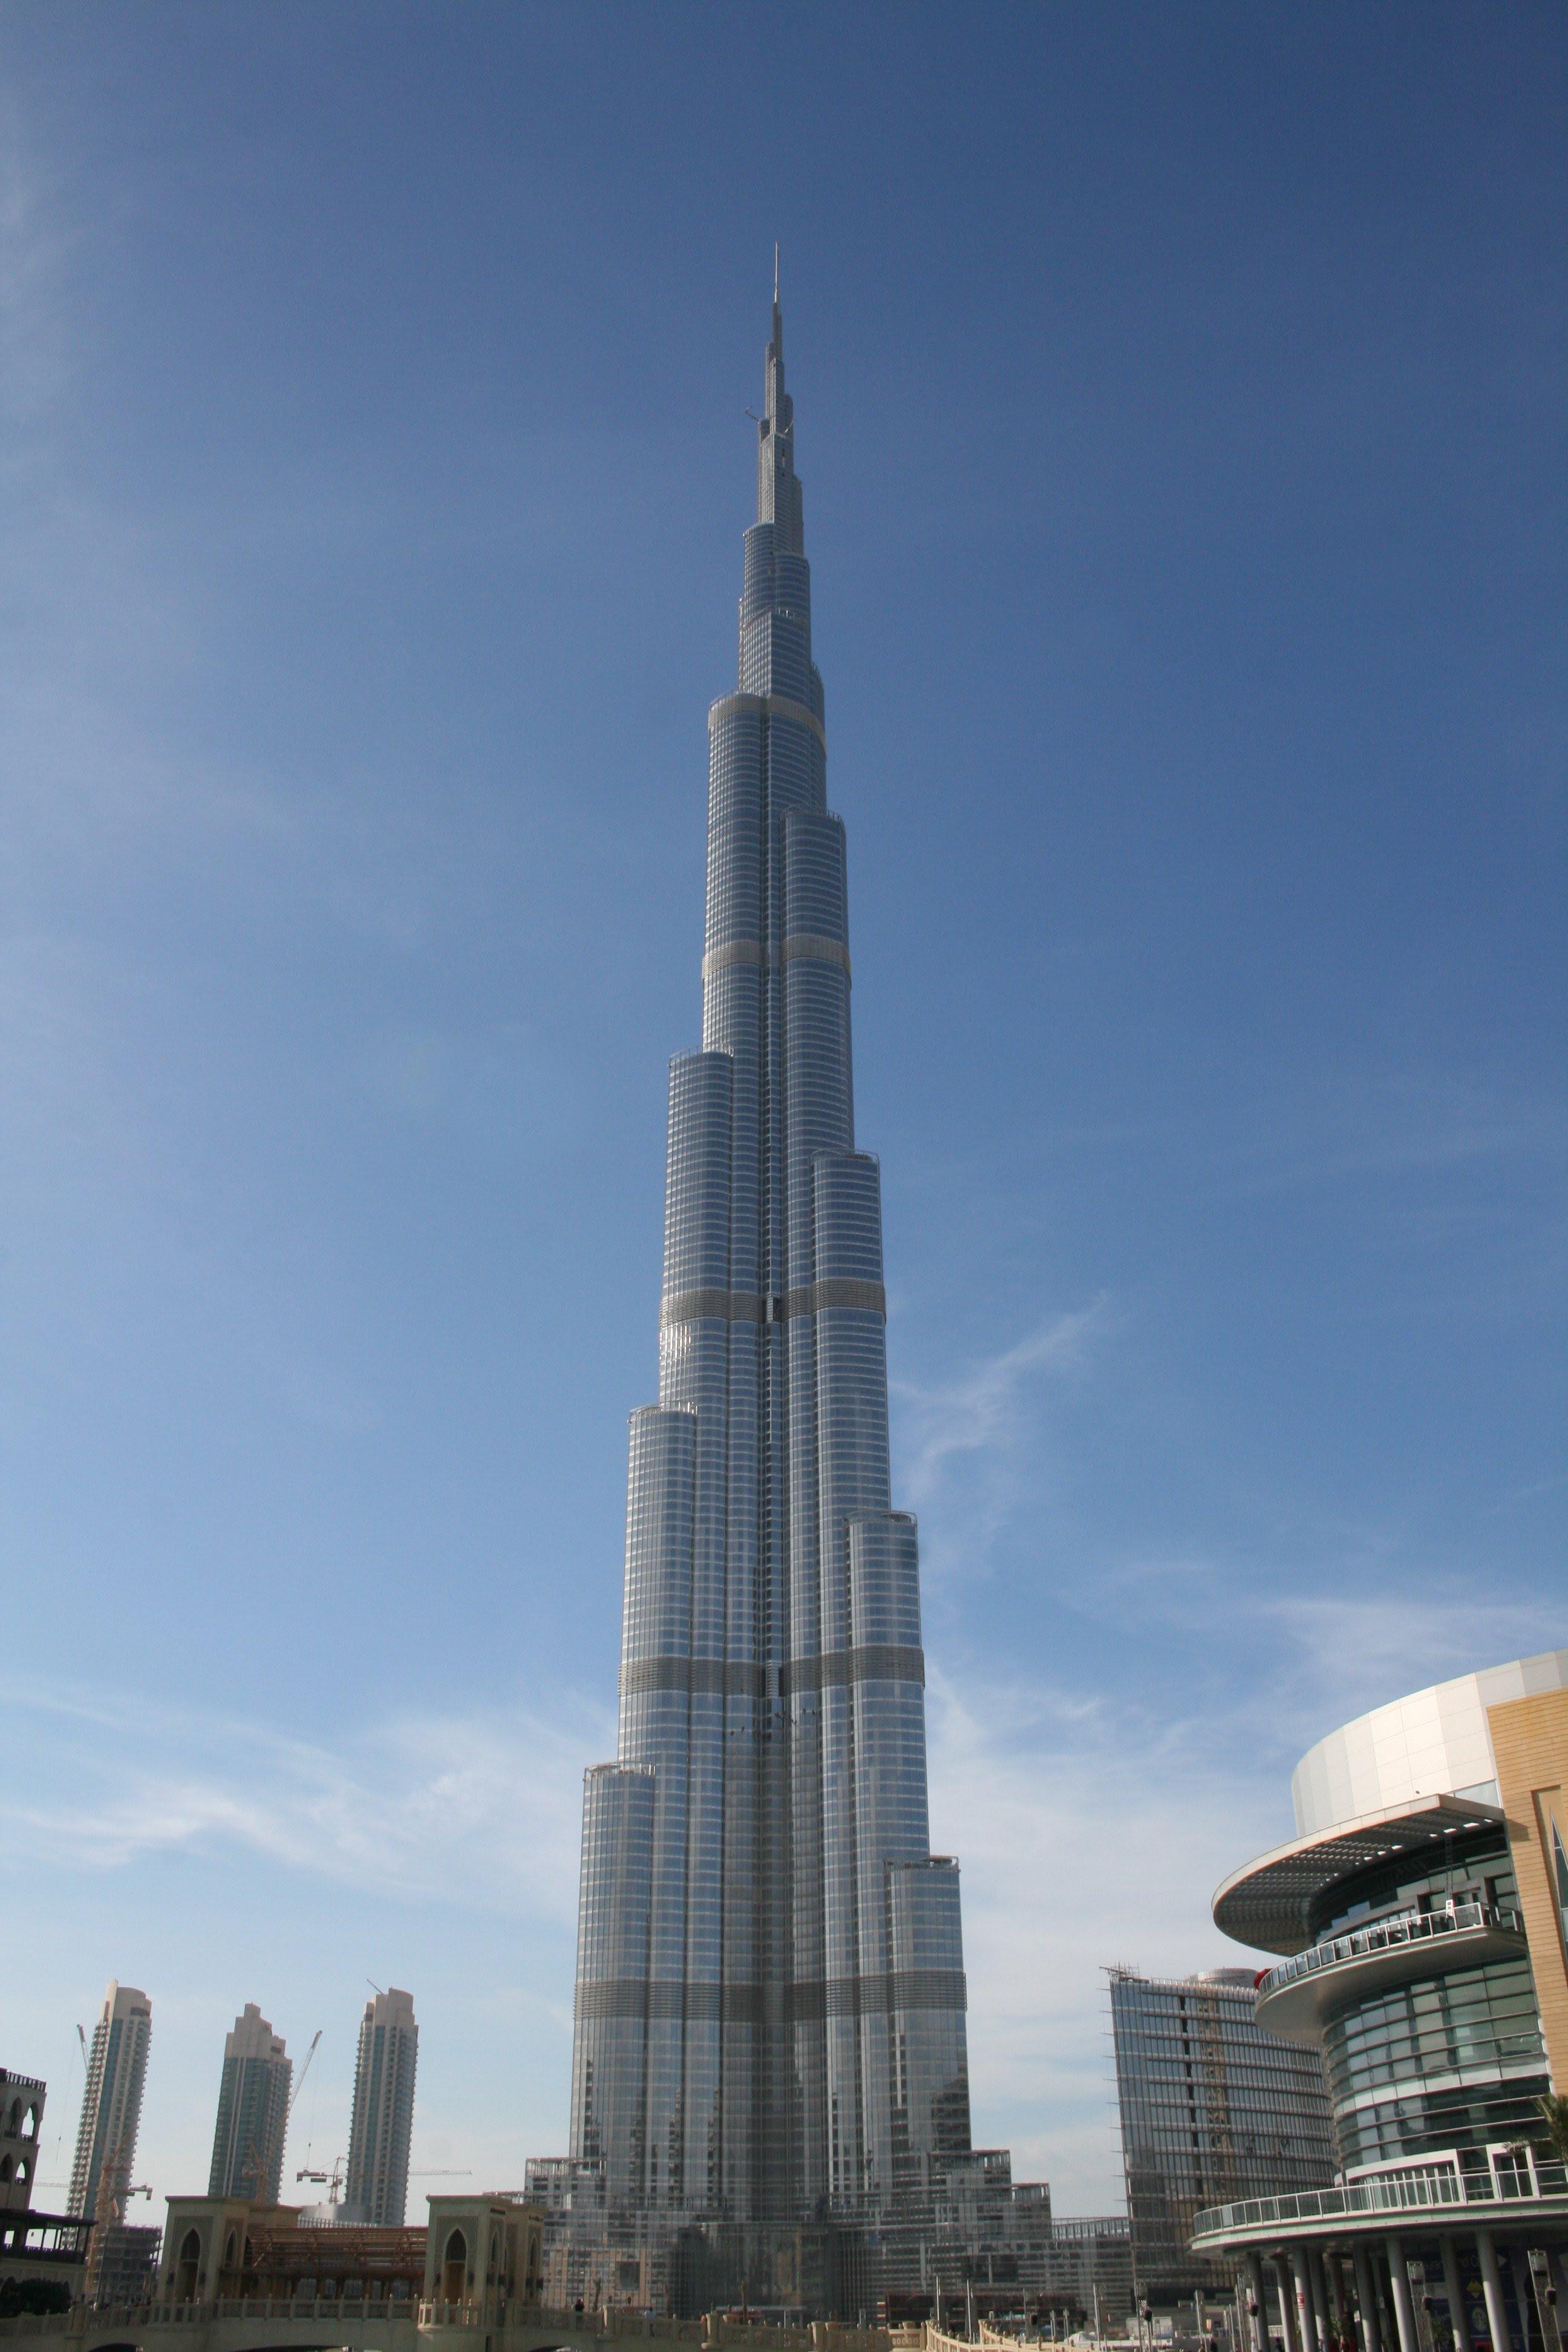 Burj Dubai or Burj Khalifa